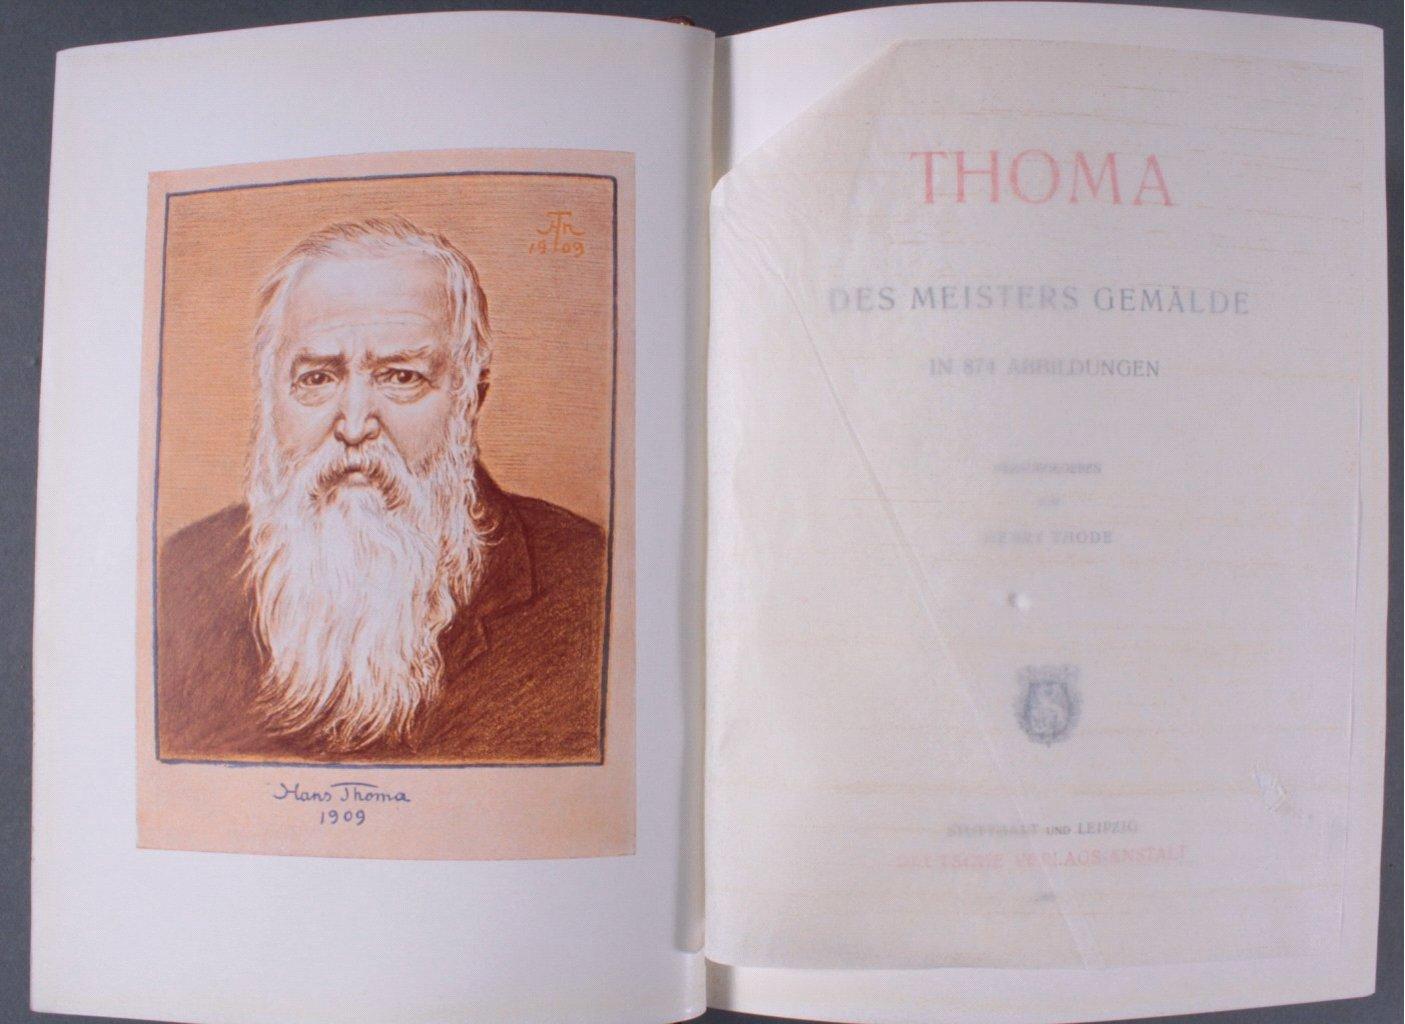 Thoma, des Meisters Gemälde in 874 Abbildungen